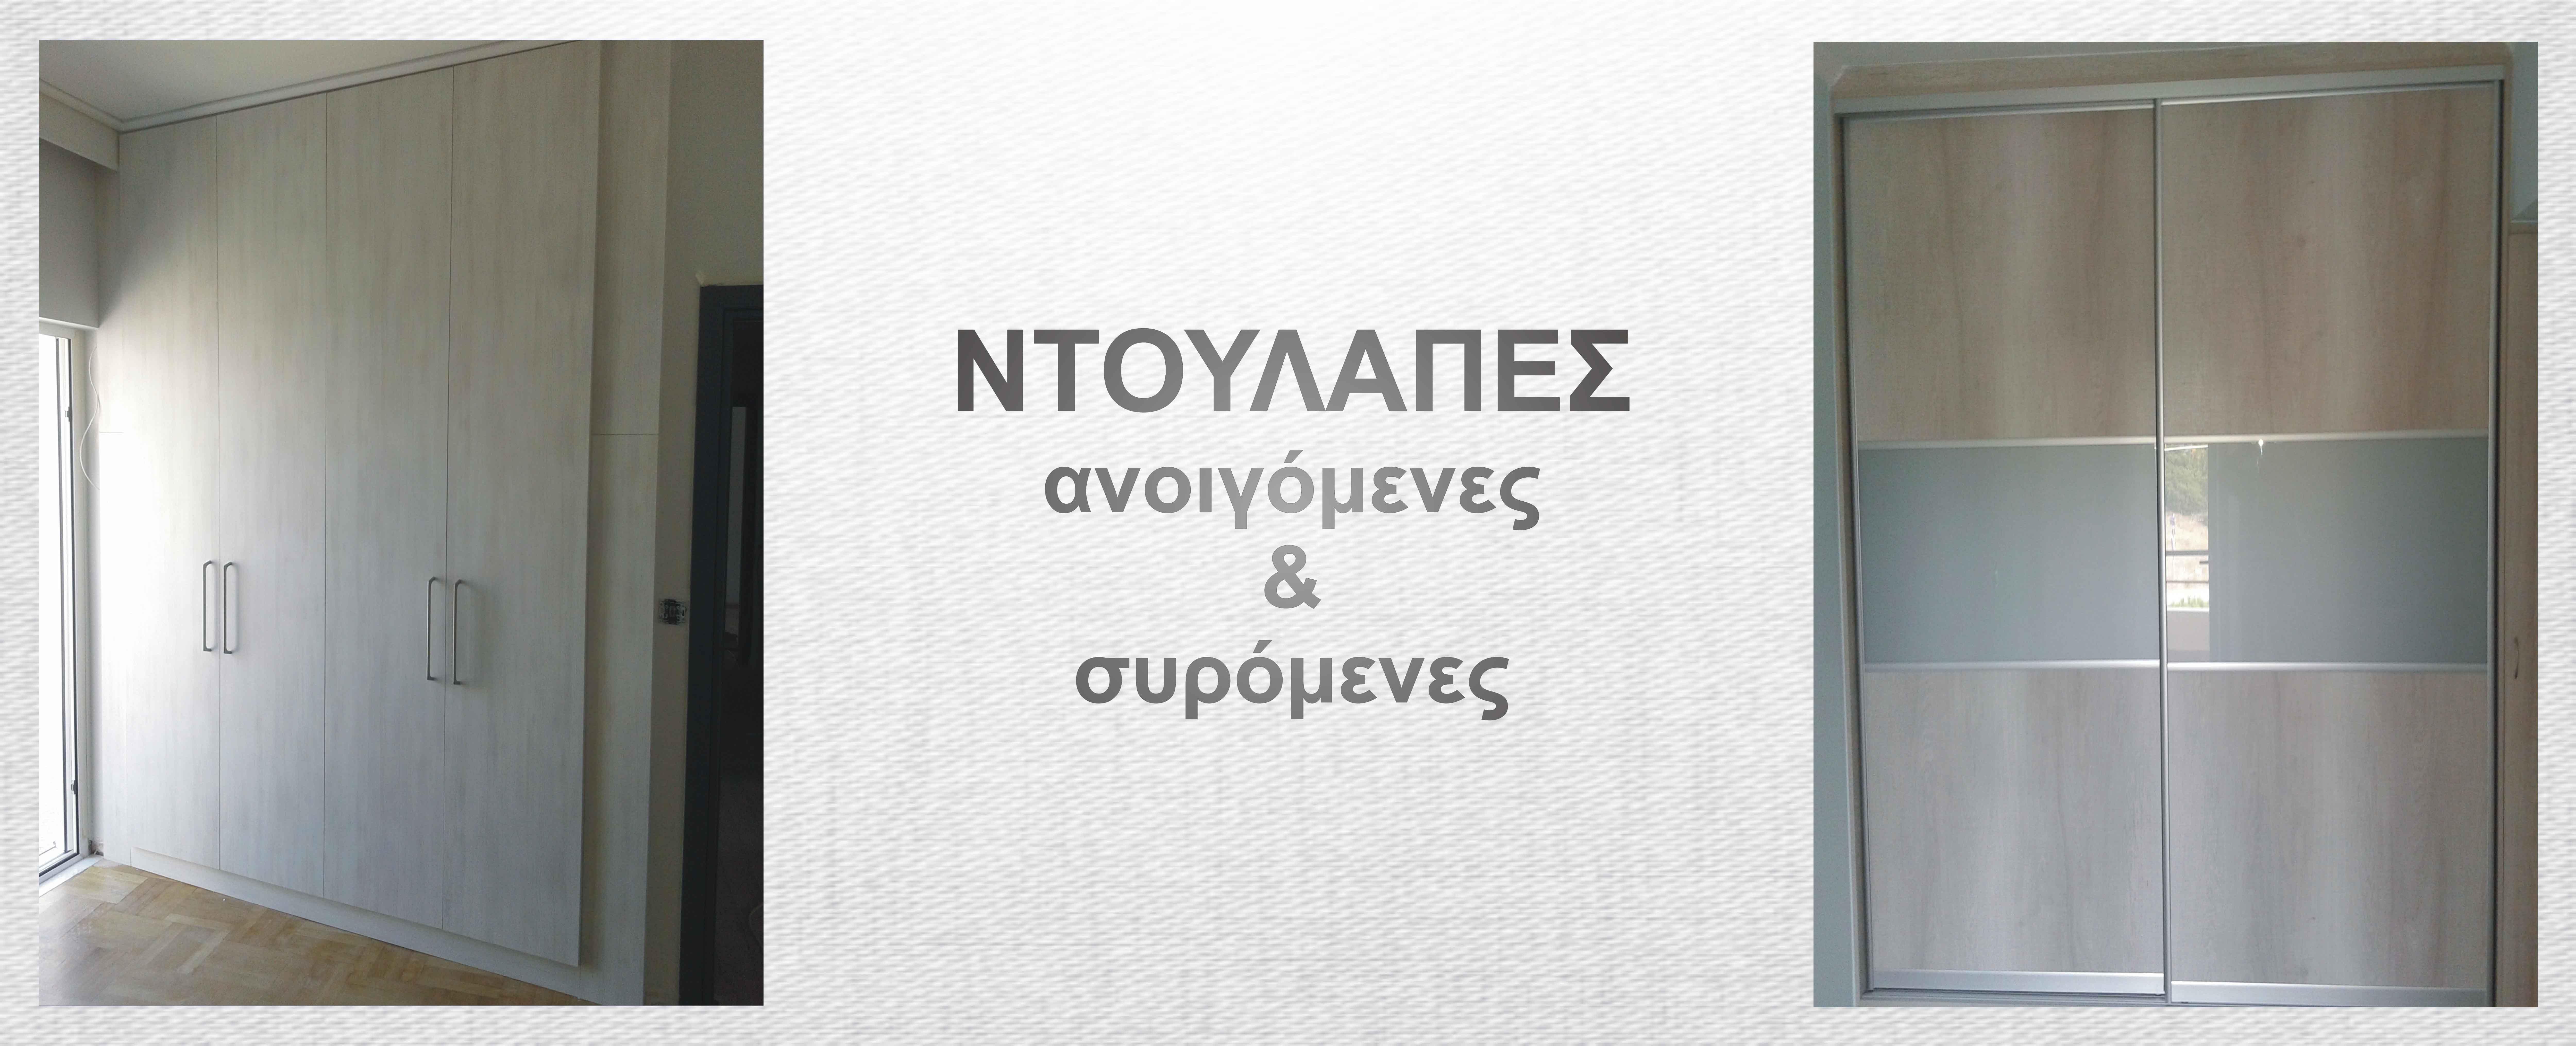 ΕΞΩΦΥΛΛΟ ΠΡΩΤΥΠΟ ΝΤΟΥΛΑΠΑ 2